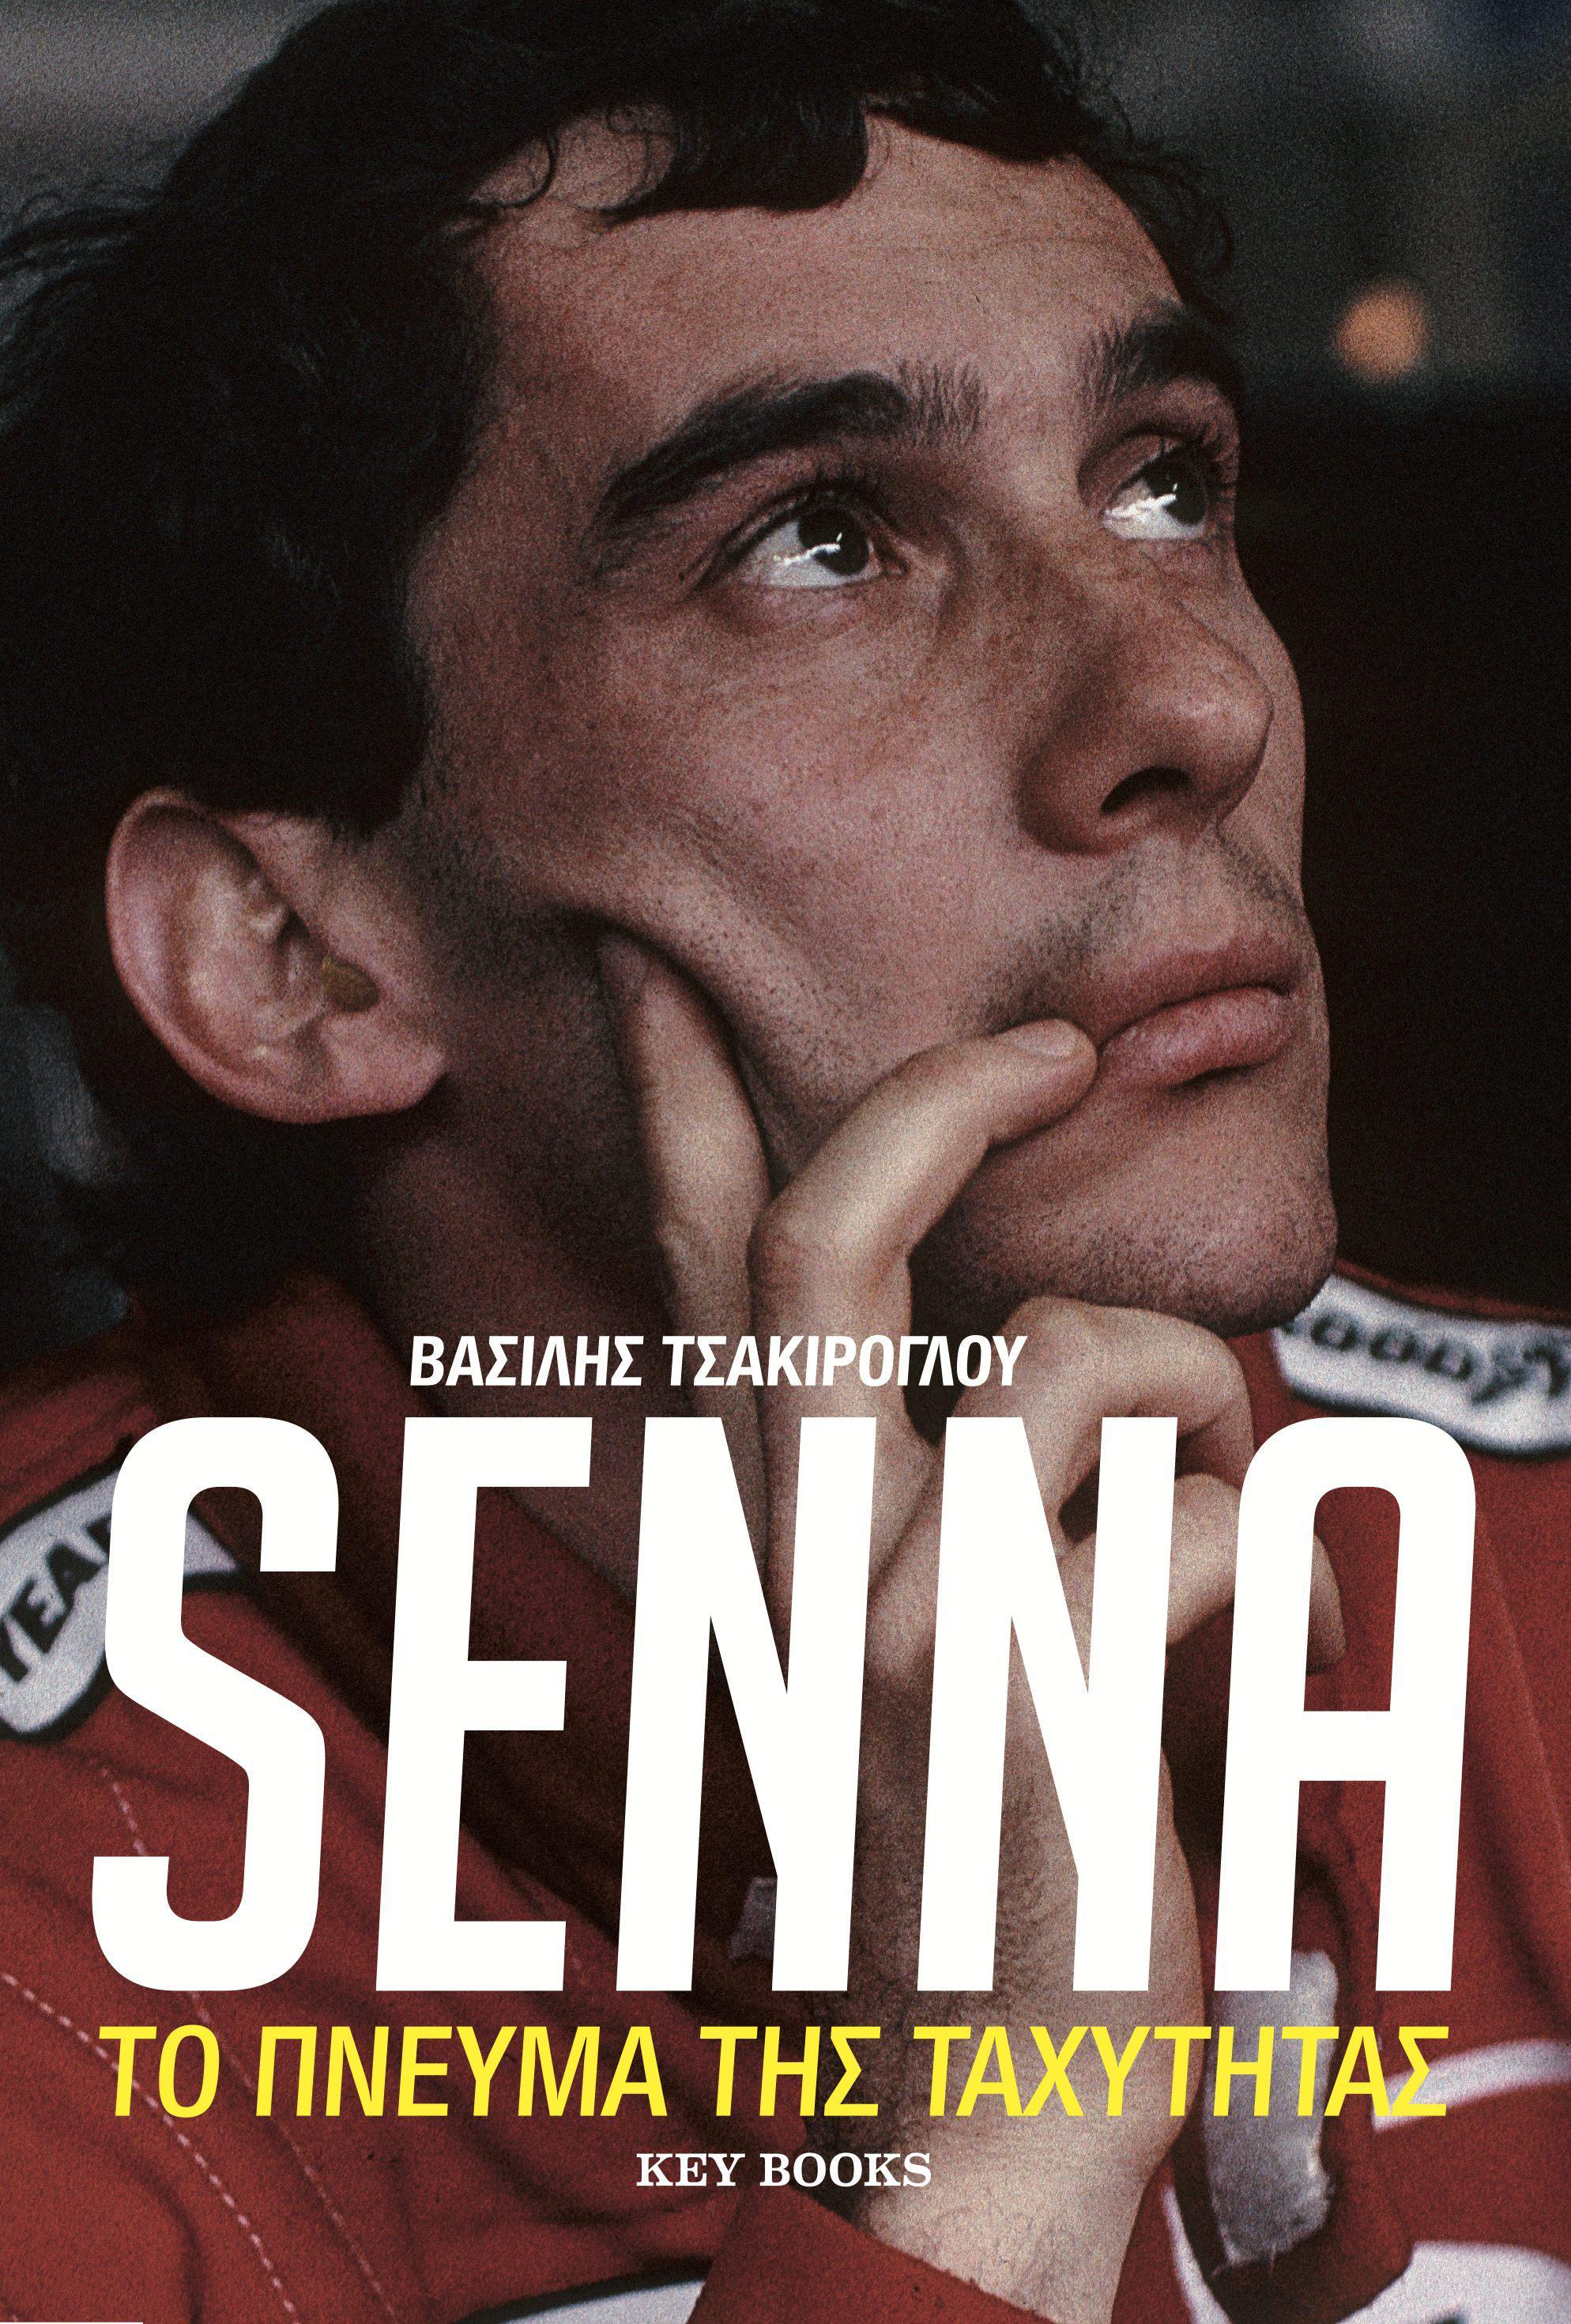 «Το βιβλίο ''Senna, Το Πνεύμα της Ταχύτητας'' είναι μια πρόφαση για να περιεργαστούμε τον βίο και την πολιτεία του Ayrton Senna εξετάζοντας τη σχέση τους με τα στοιχεία του έρωτα και του θανάτου», λέει ο Βασίλης Τσακίρογλου.